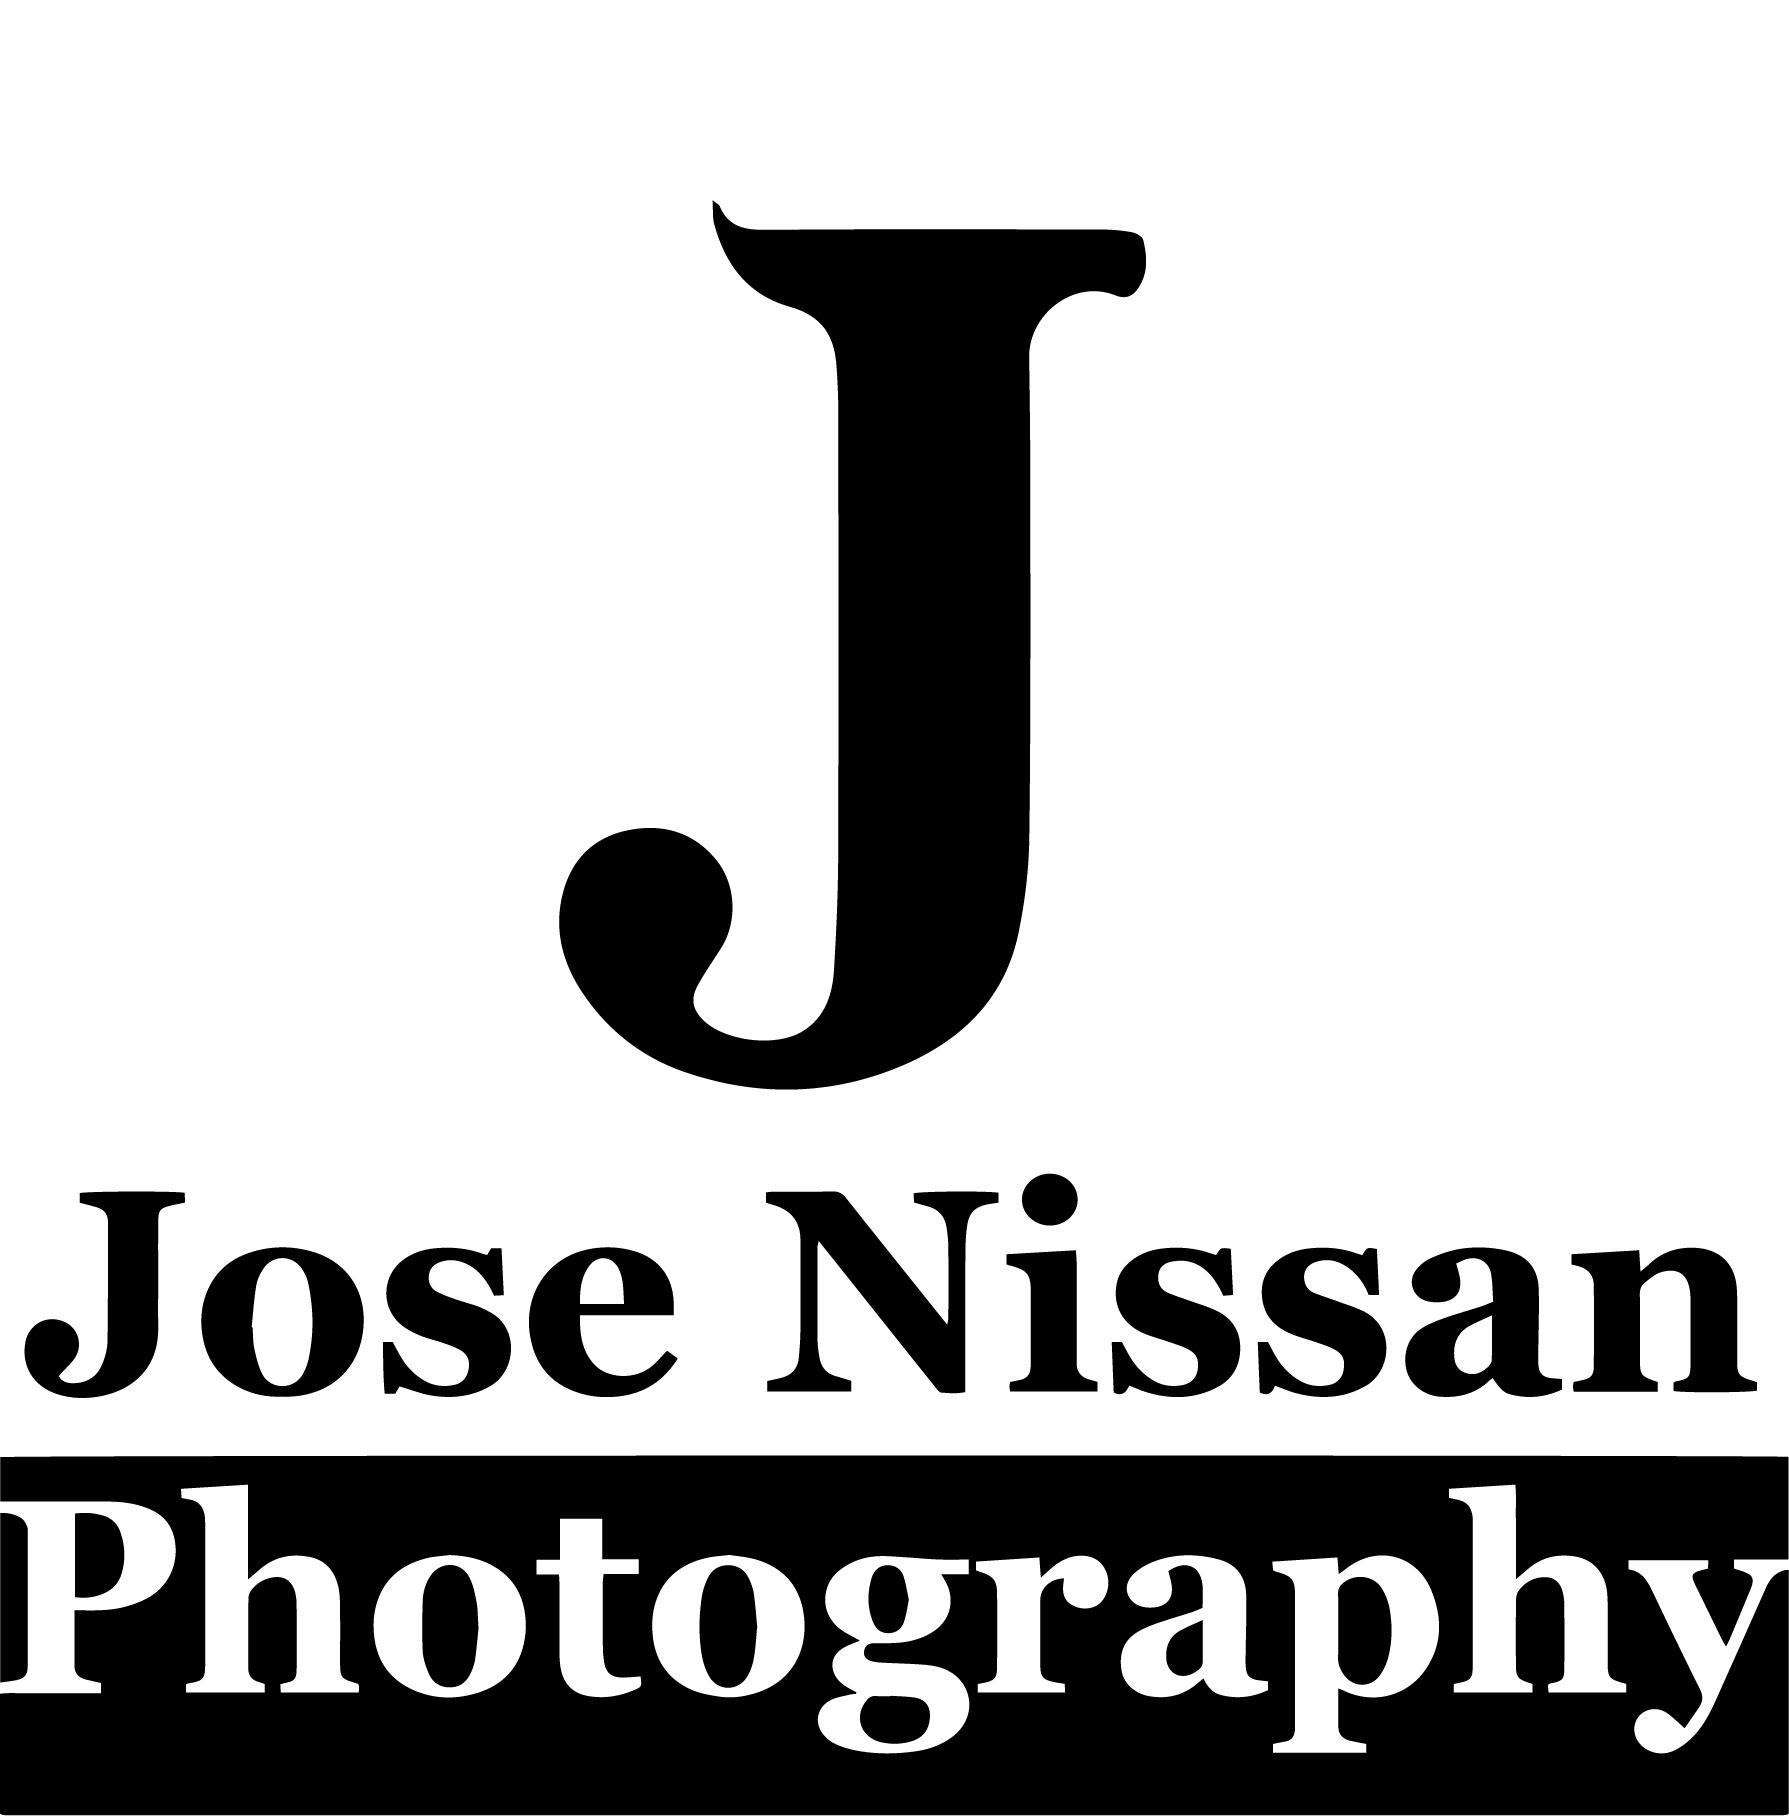 josenissan cohen